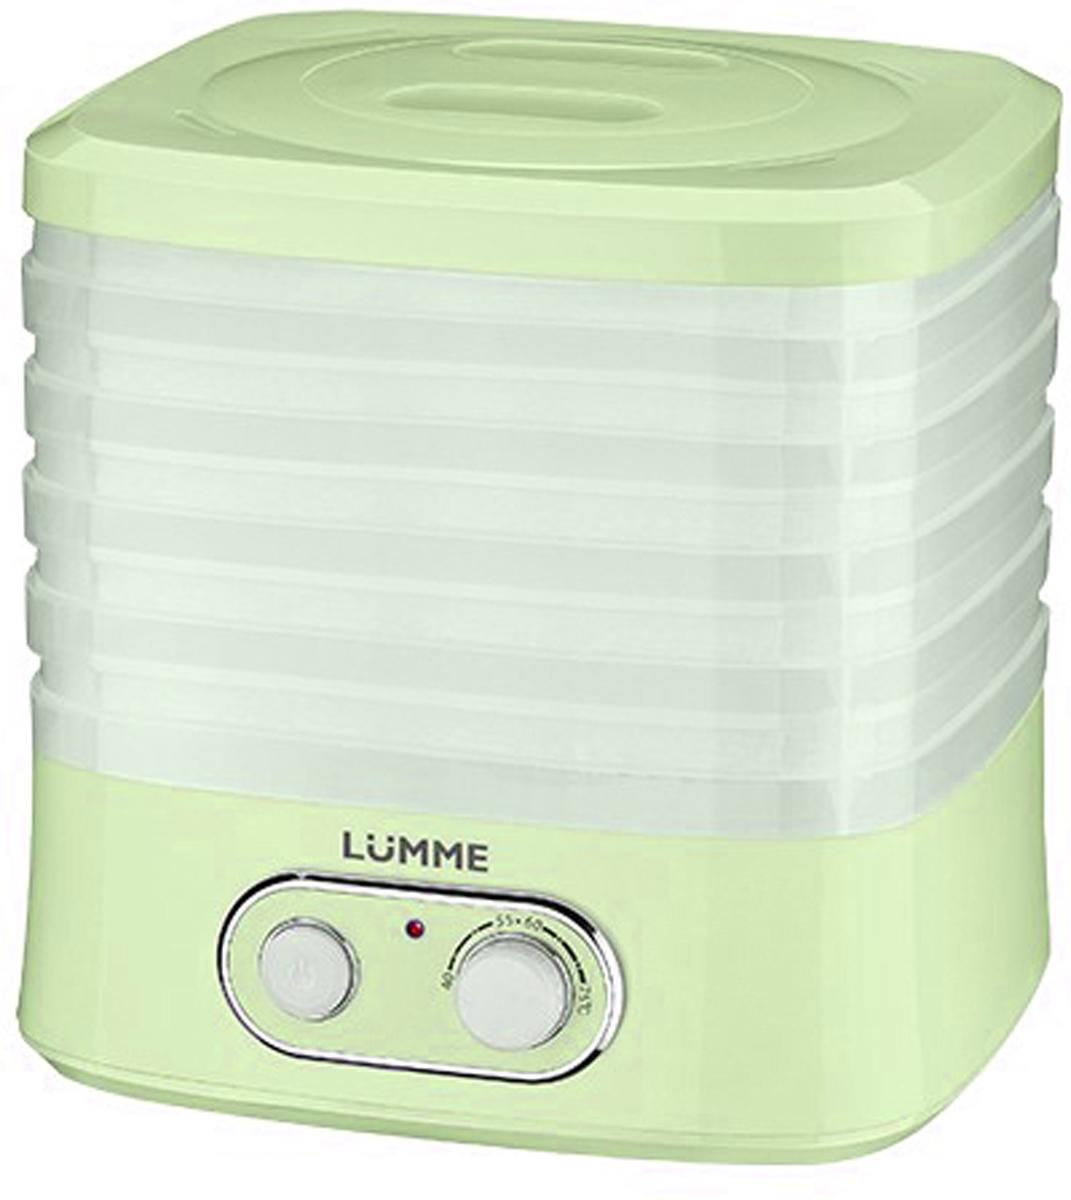 Lumme LU-1853, Green дегидратор - Техника для хранения, консервации и заготовок